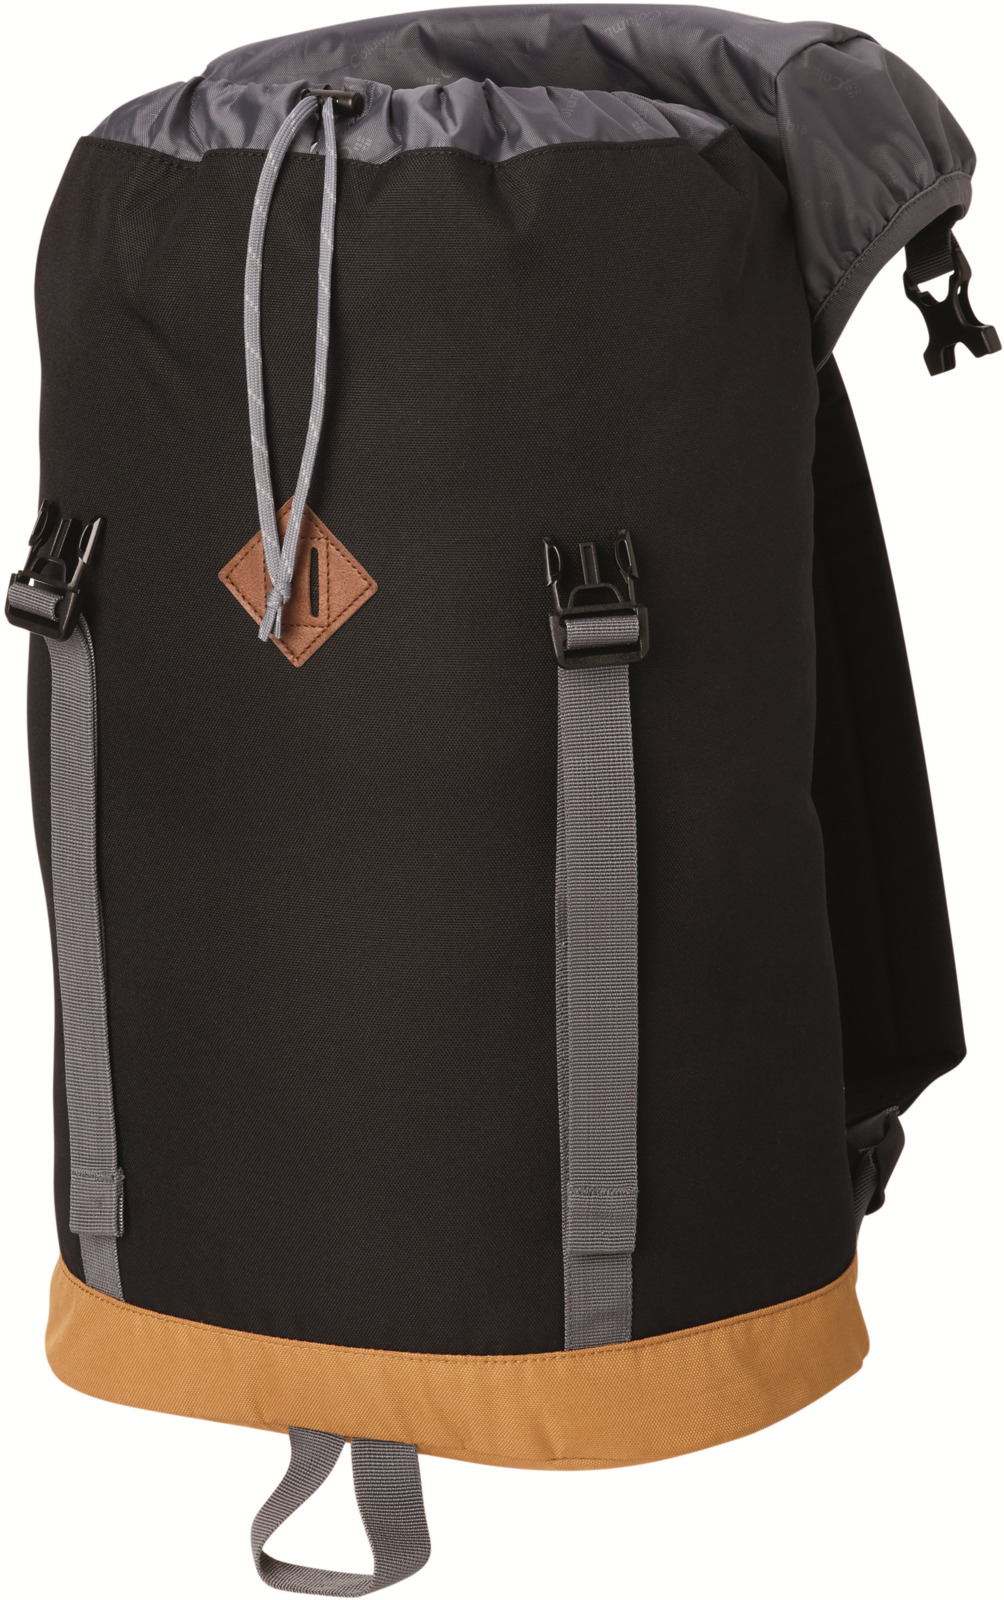 Рюкзак Columbia Classic Outdoor 25L Daypack, 1719891-013, черный туристический рюкзак columbia lu0672 2015 25l